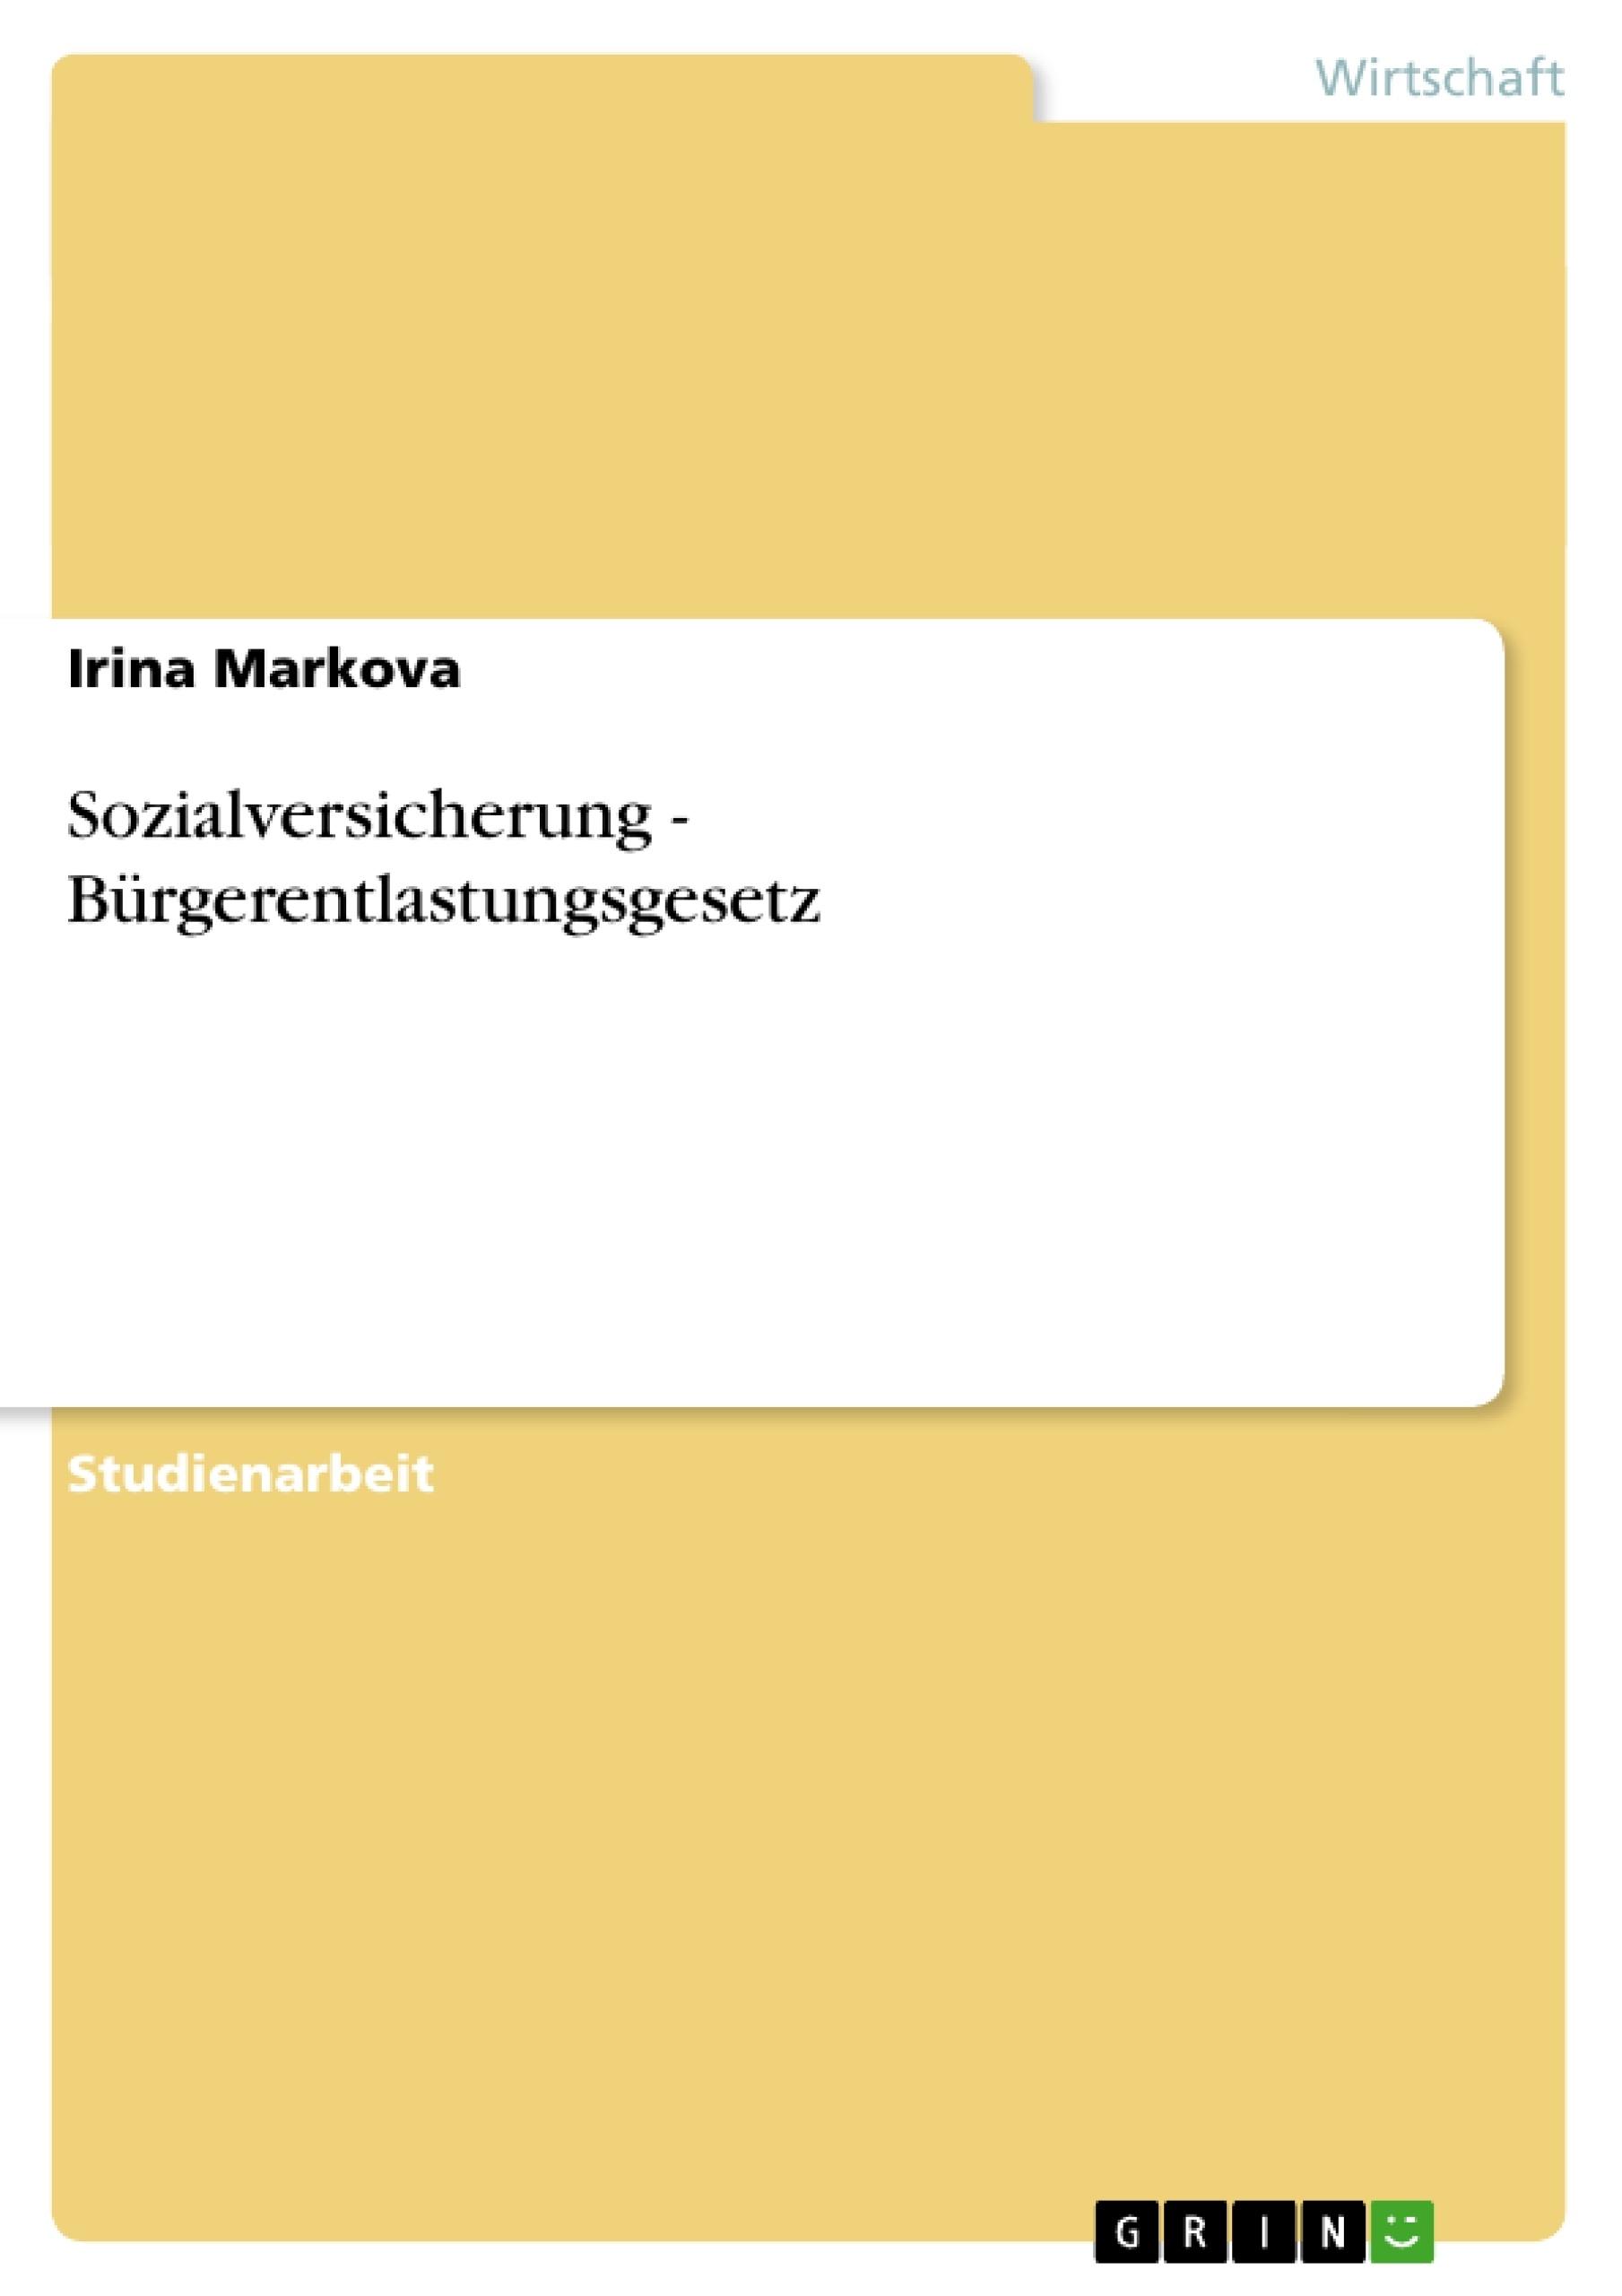 Titel: Sozialversicherung - Bürgerentlastungsgesetz